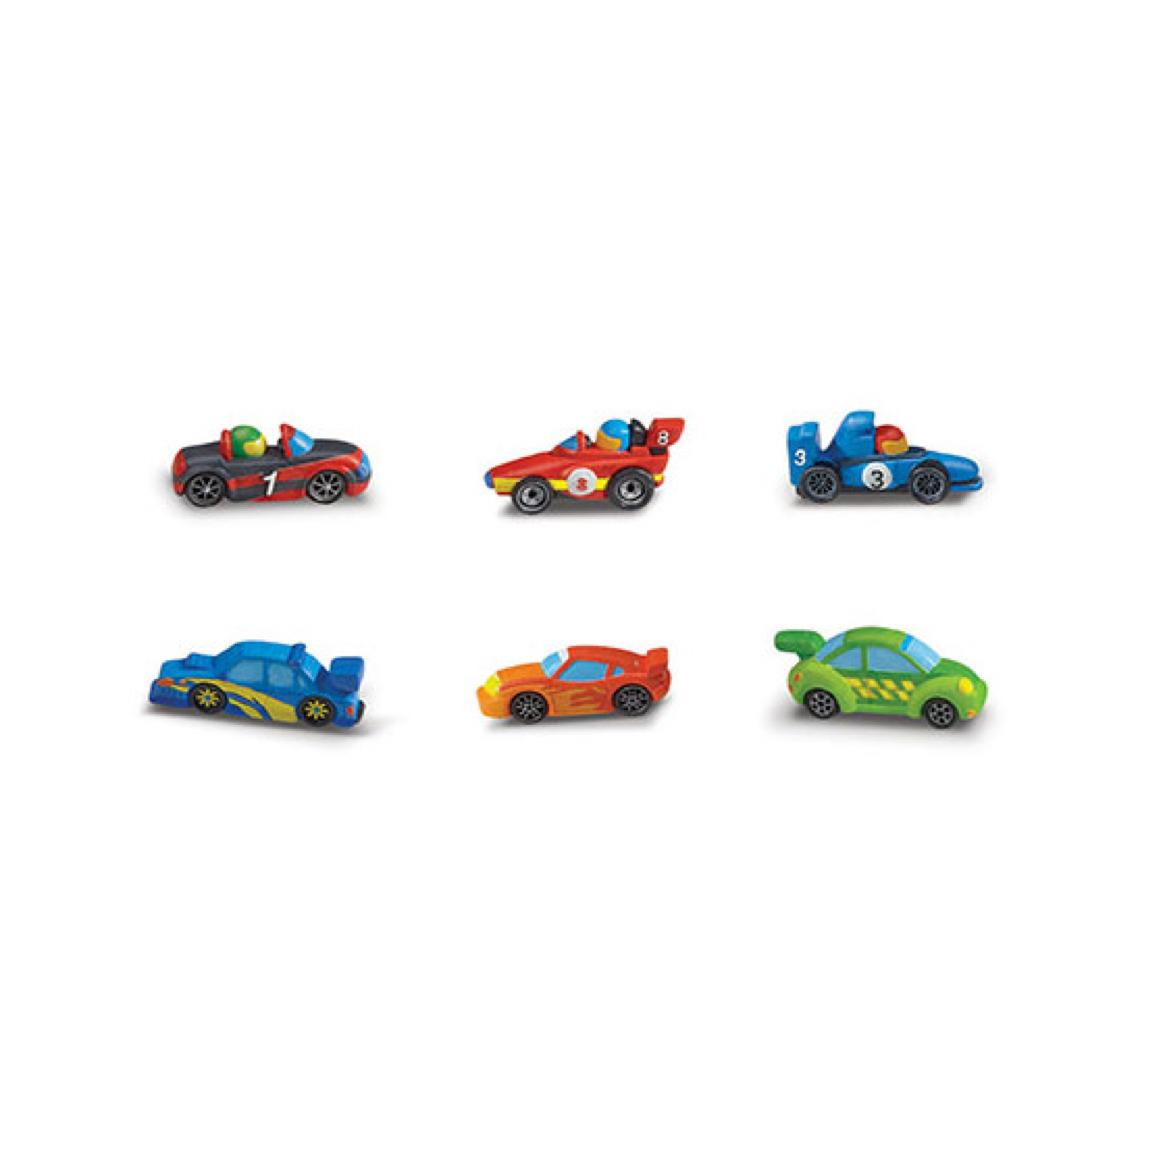 moldea-y-pinta-coches-de-carreras-de-4m-en-el-mundo-de-mico-2